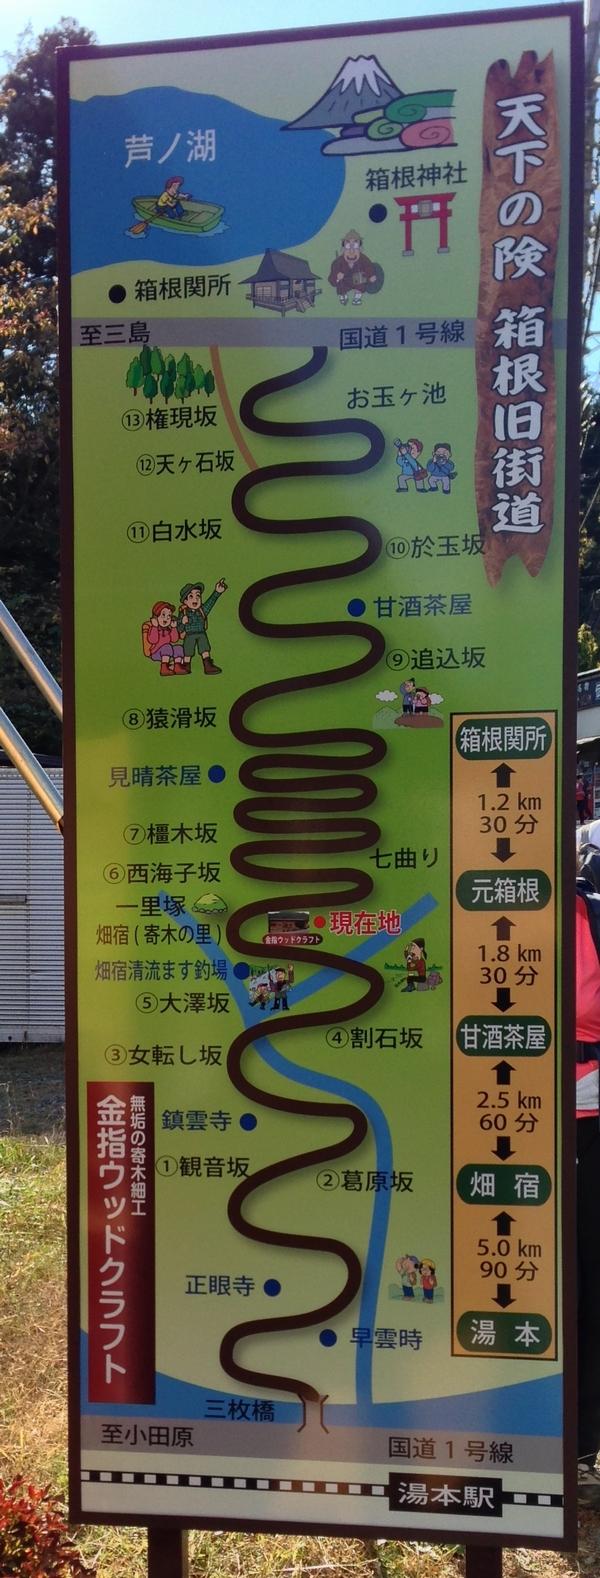 東海道箱根越え 天下の険 箱根旧街道